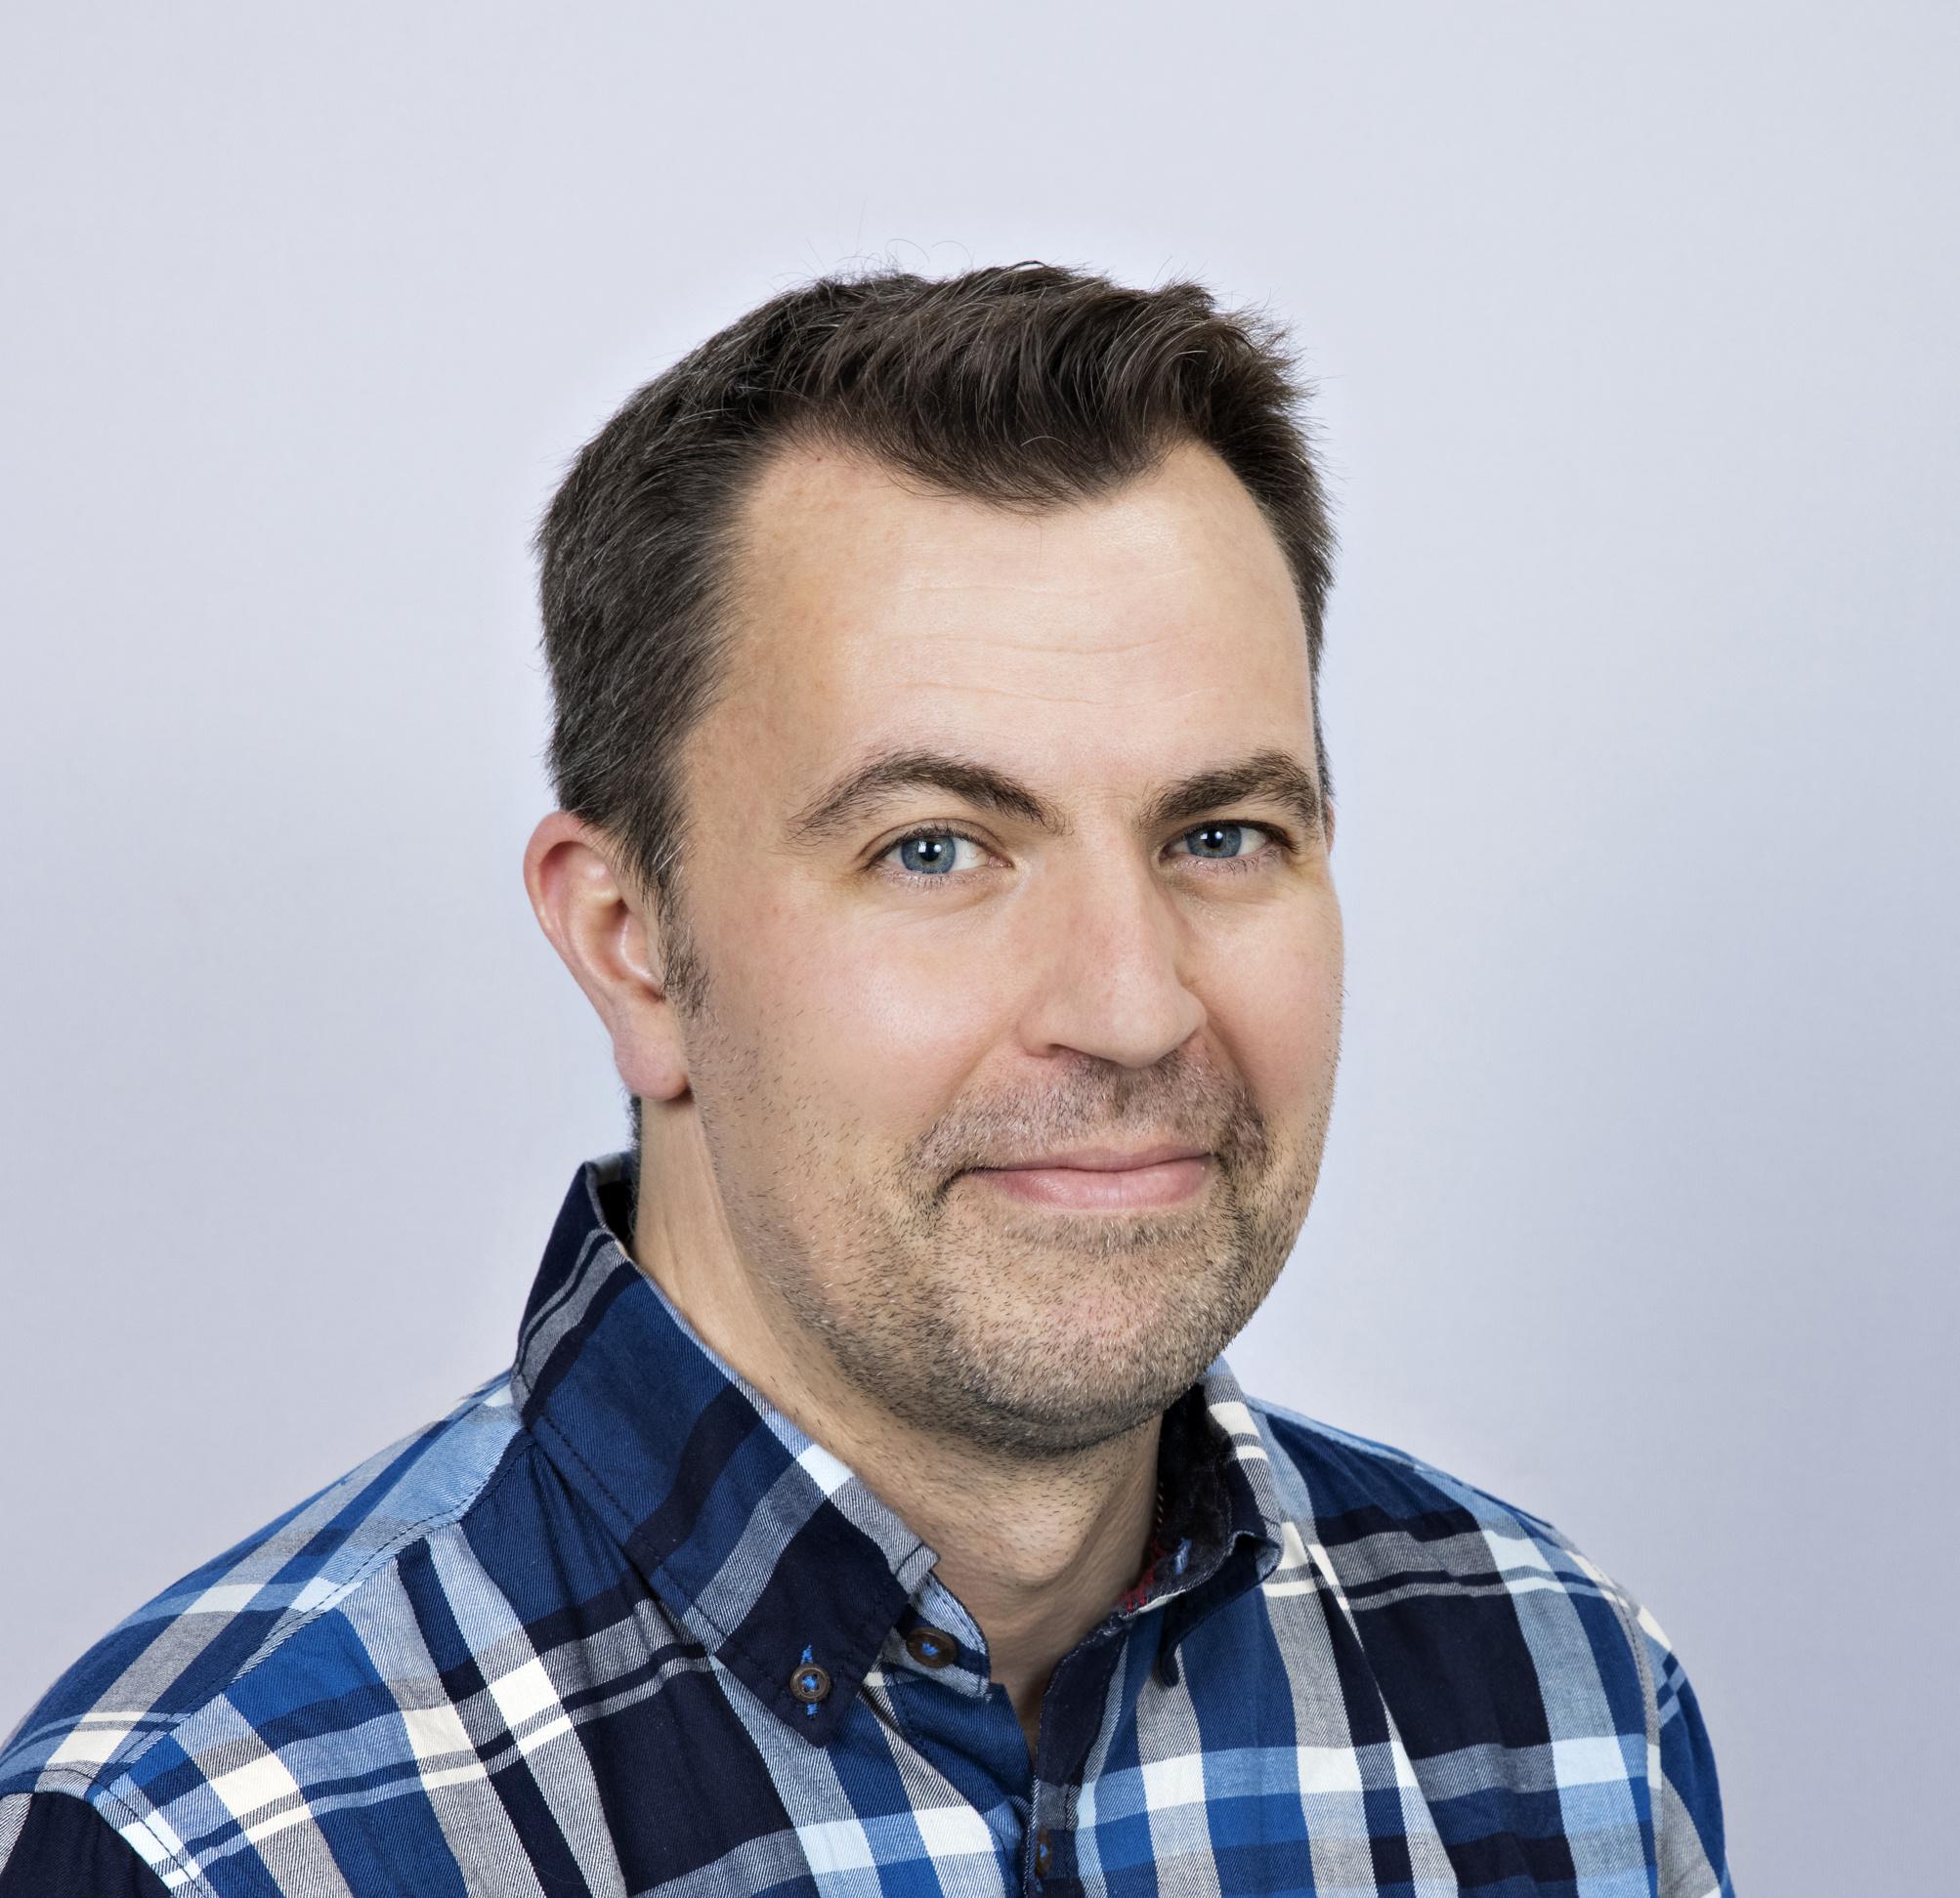 Porträtt på Anders Olofsson som ler i en blå- svart- och vitrutig skjorta